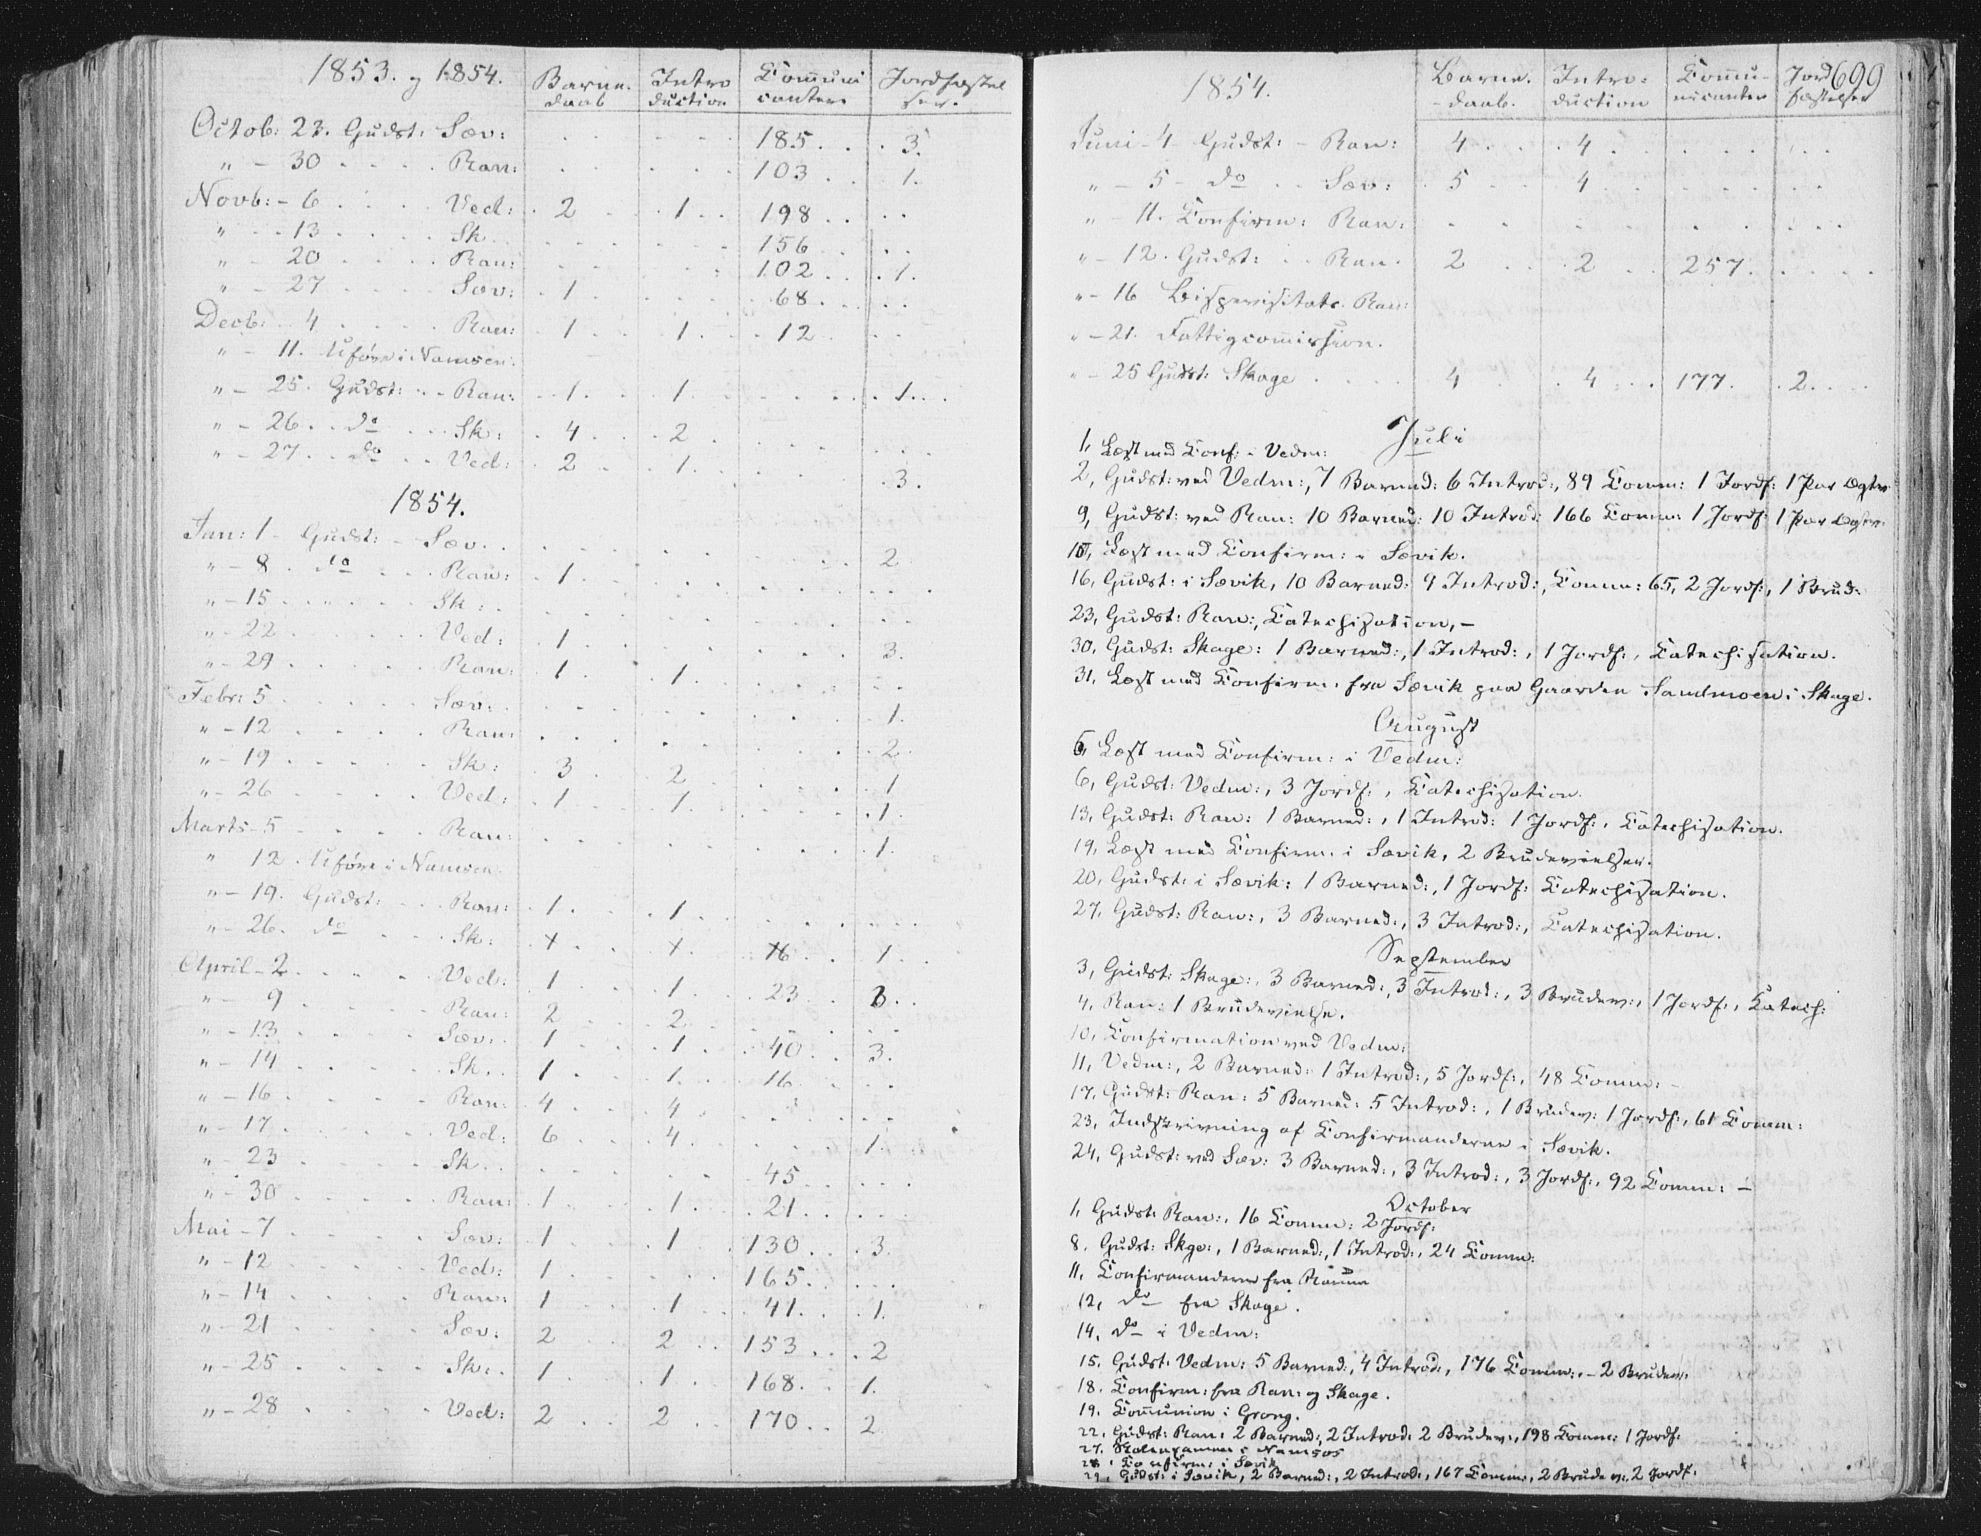 SAT, Ministerialprotokoller, klokkerbøker og fødselsregistre - Nord-Trøndelag, 764/L0552: Ministerialbok nr. 764A07b, 1824-1865, s. 699